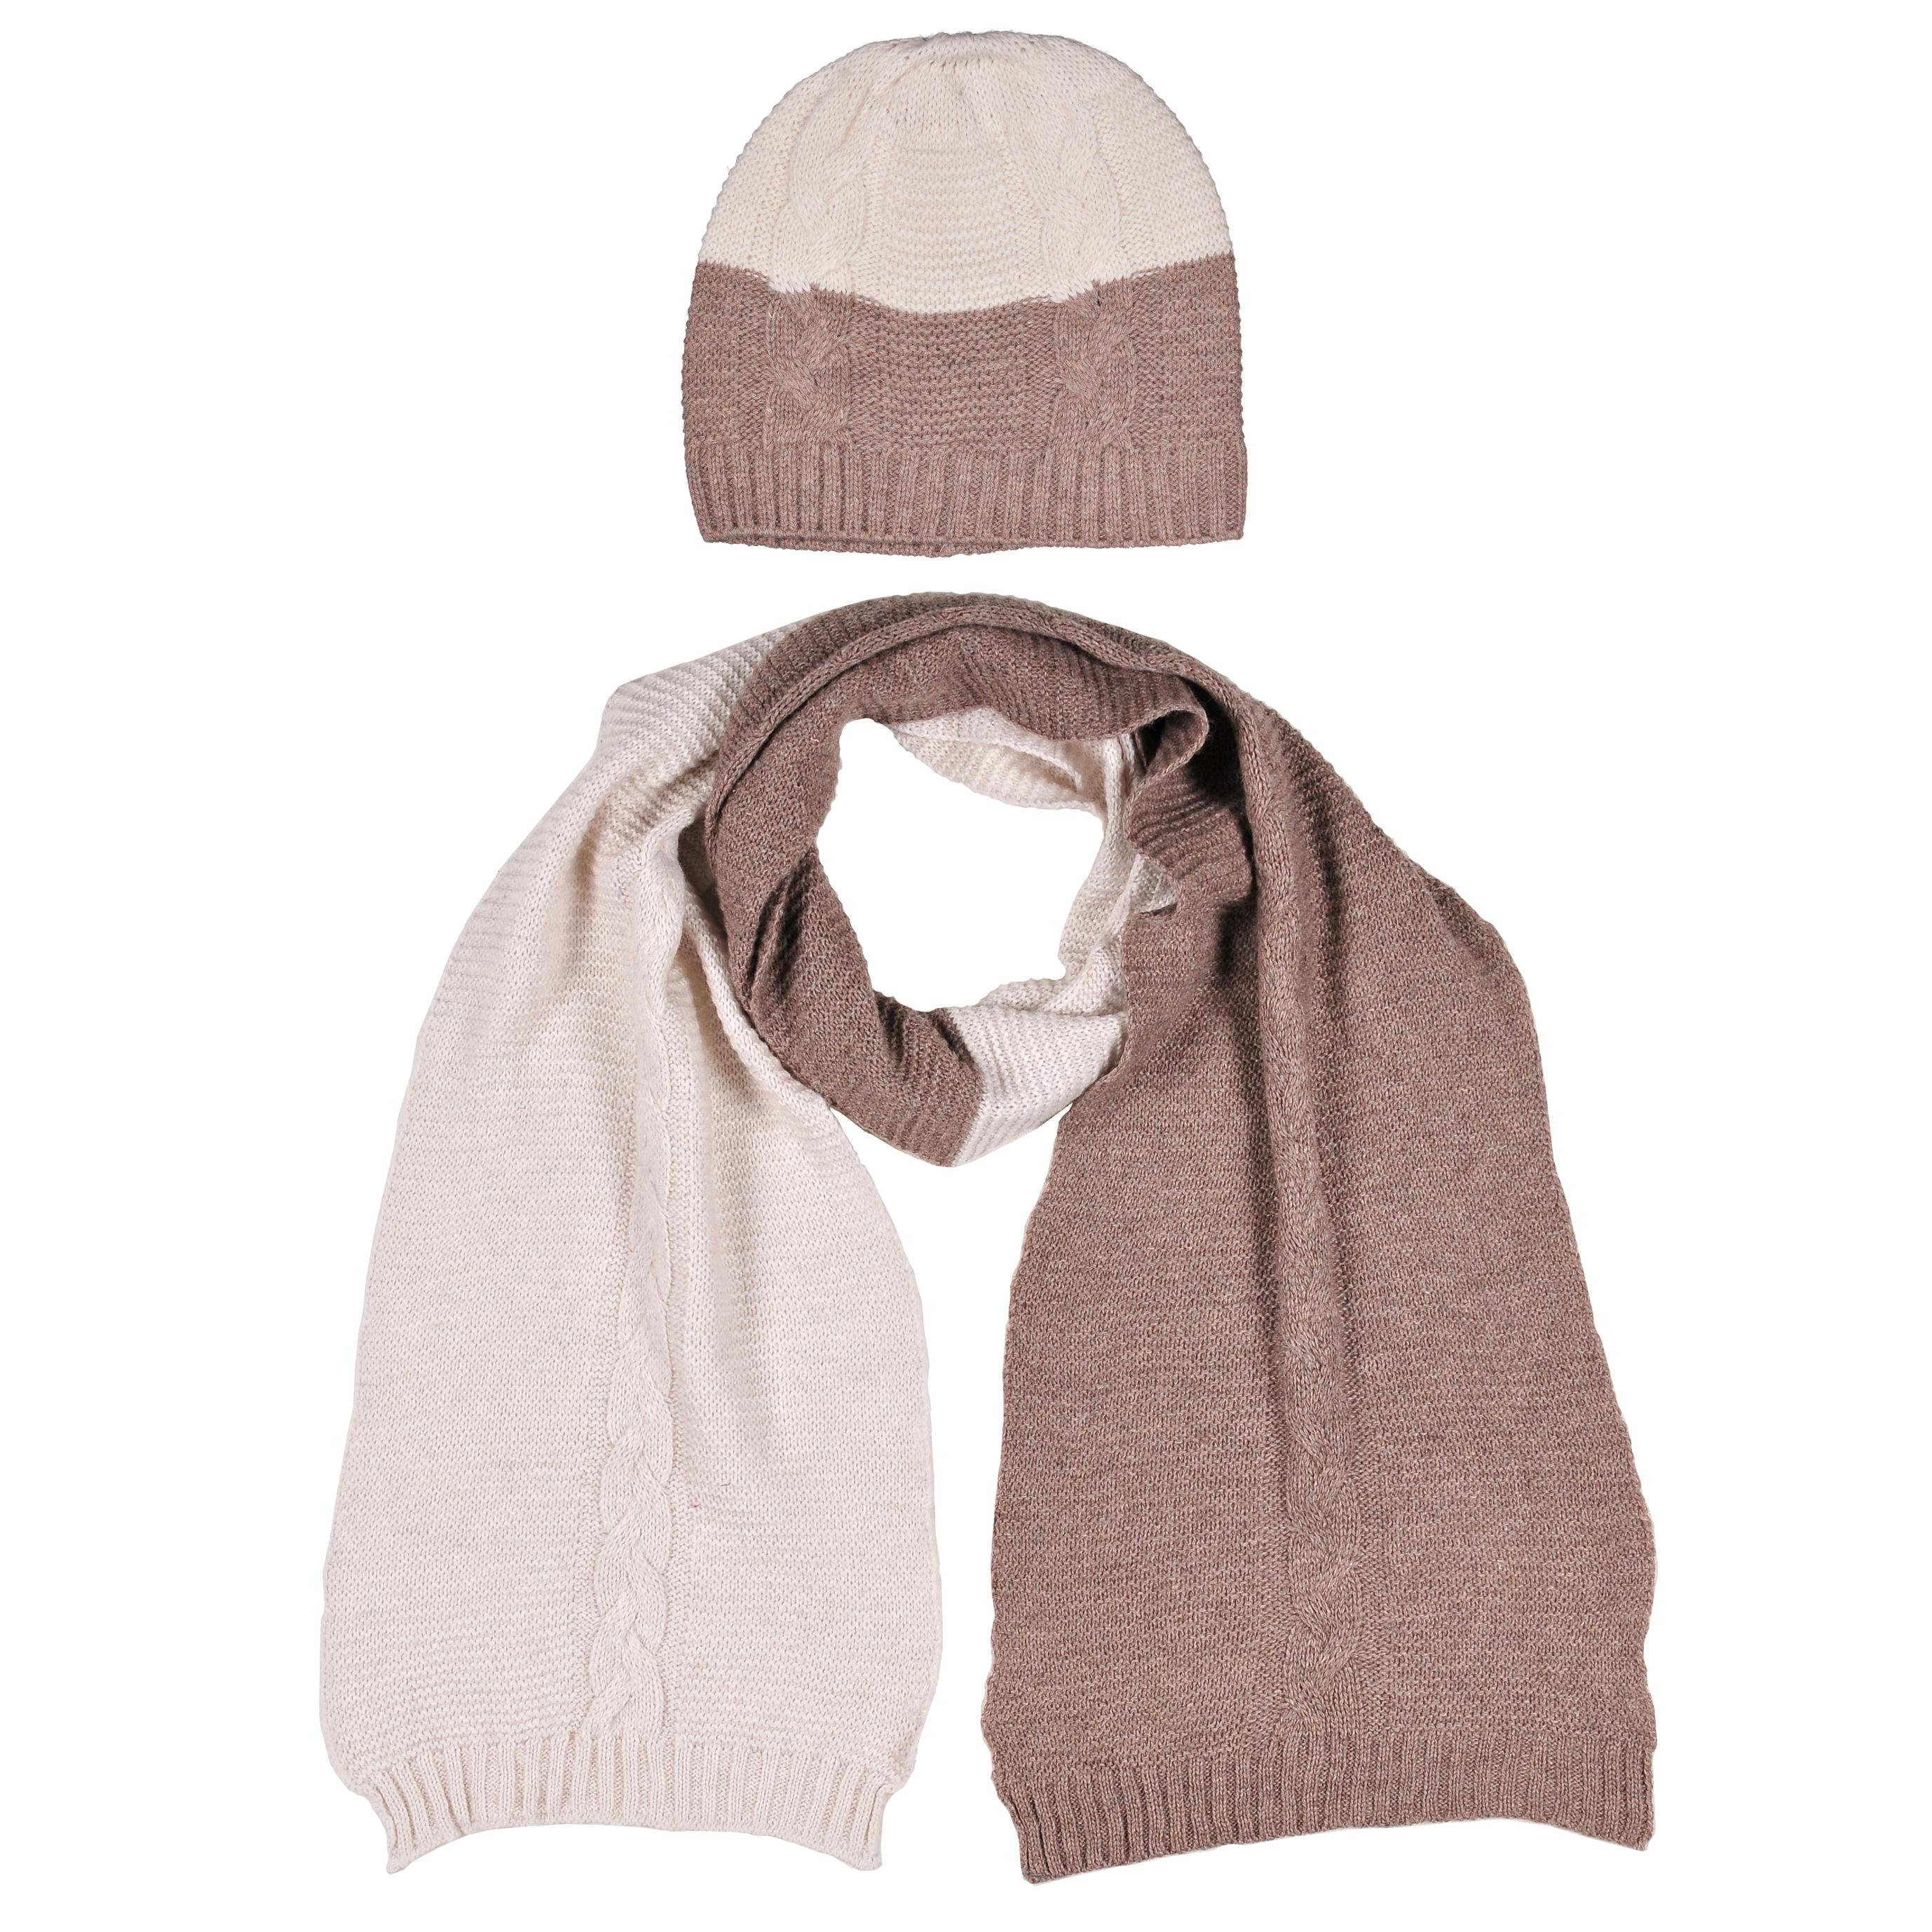 Комплект аксессуаров4-0038-006Модный вязанный комплект из шапки и шарфа с натуральной шерстью в составе. Шапка однослойная на резинке, рисунок - коса. Шарф однослойный, по торцевым сторонам резинка, рисунок - коса.